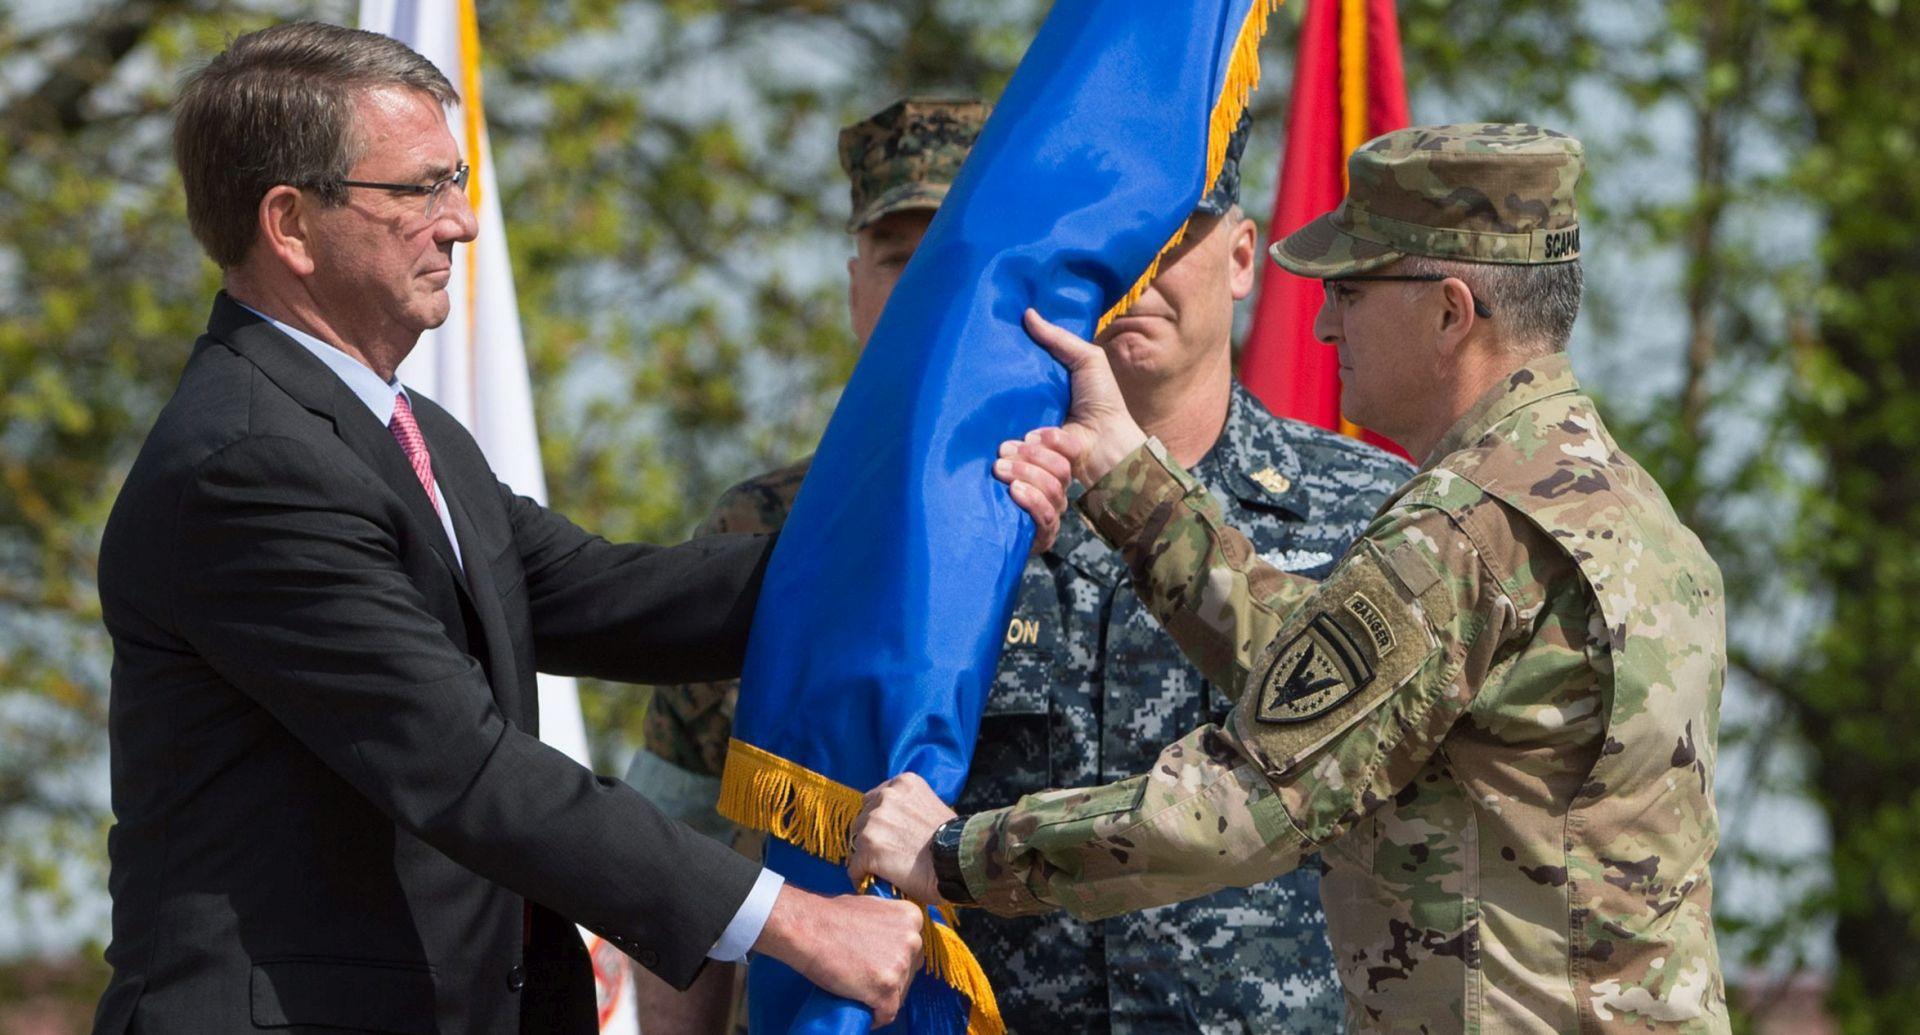 Novi zapovjednik NATO-a u Europi general Scaparrotti će nastaviti vojno jačanje na istoku